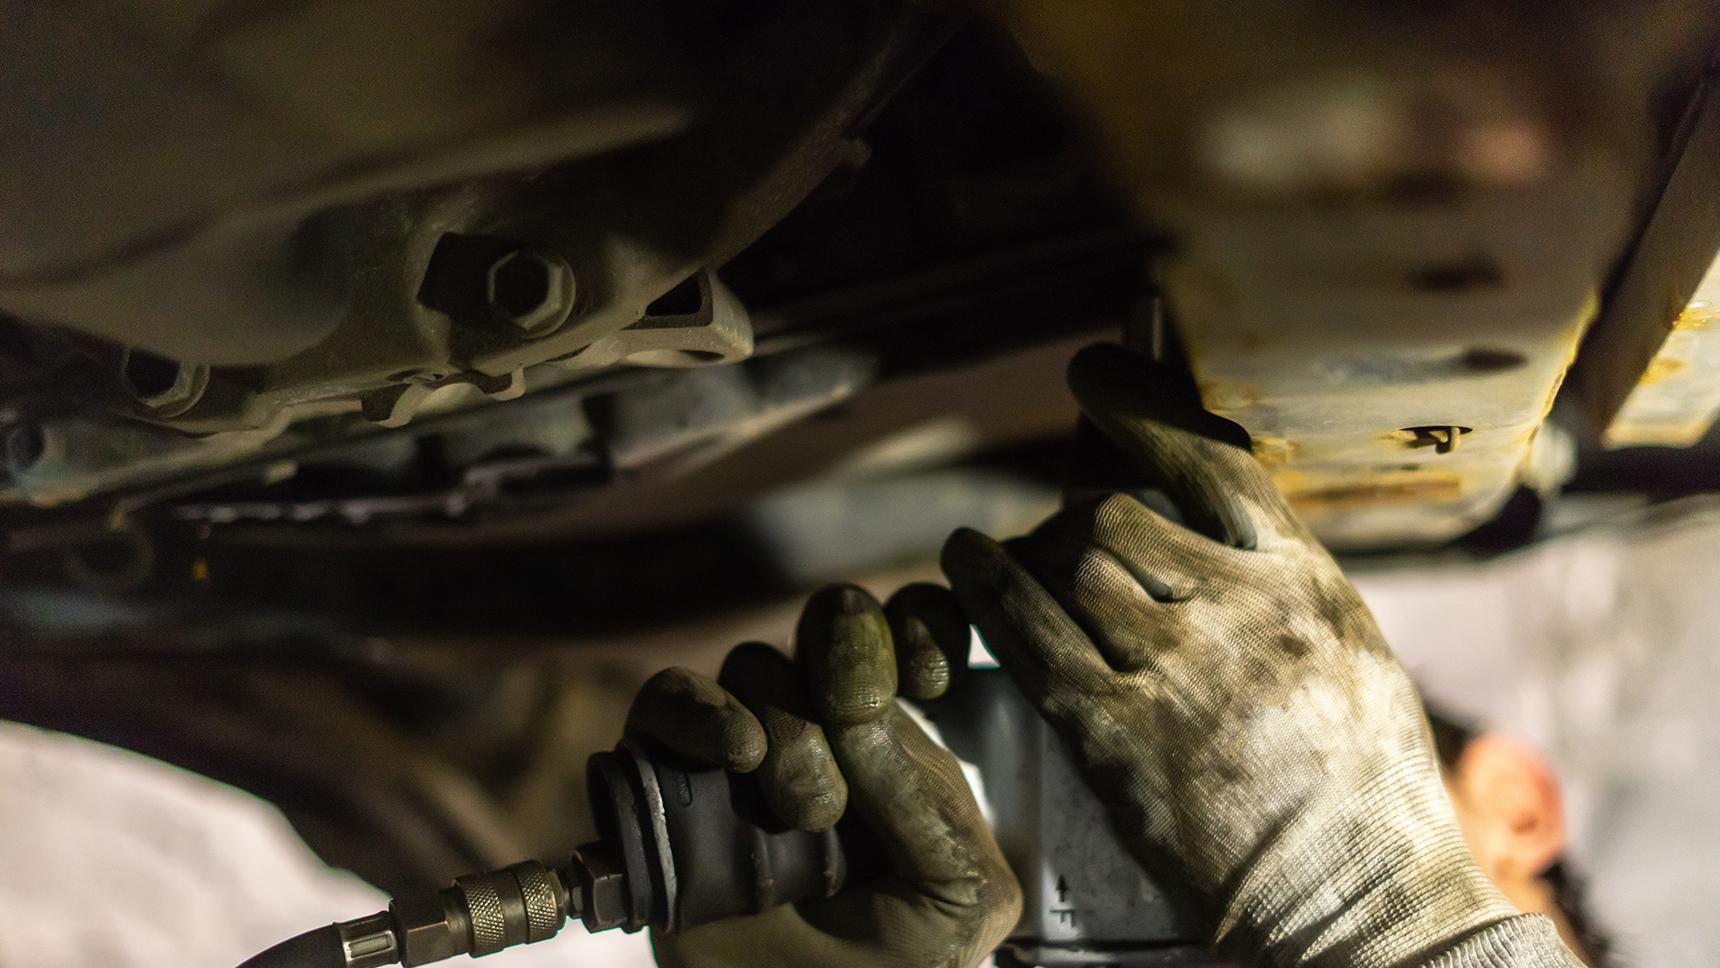 Какие опасности таит обычная защита картера двигателя